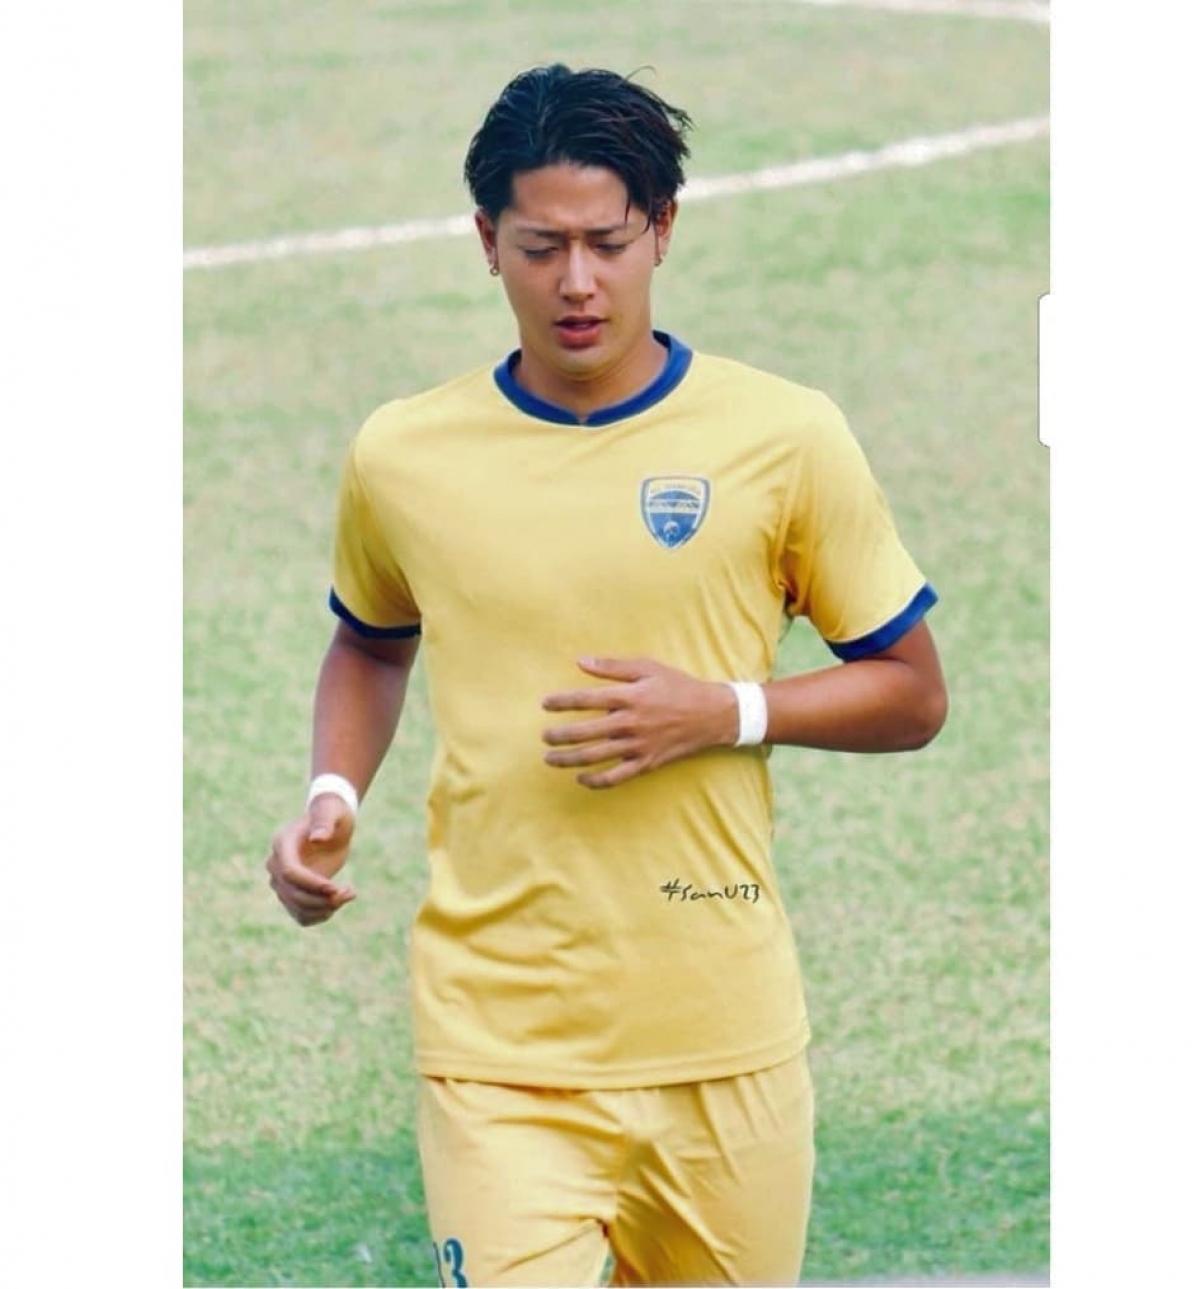 """Ryutaro Karube sinh ngày 19/12/1992, sở hữu chiều cao 1m88 và từng """"gây sốt"""" khi khoác áo Thanh Hóa ở mùa giải 2018."""